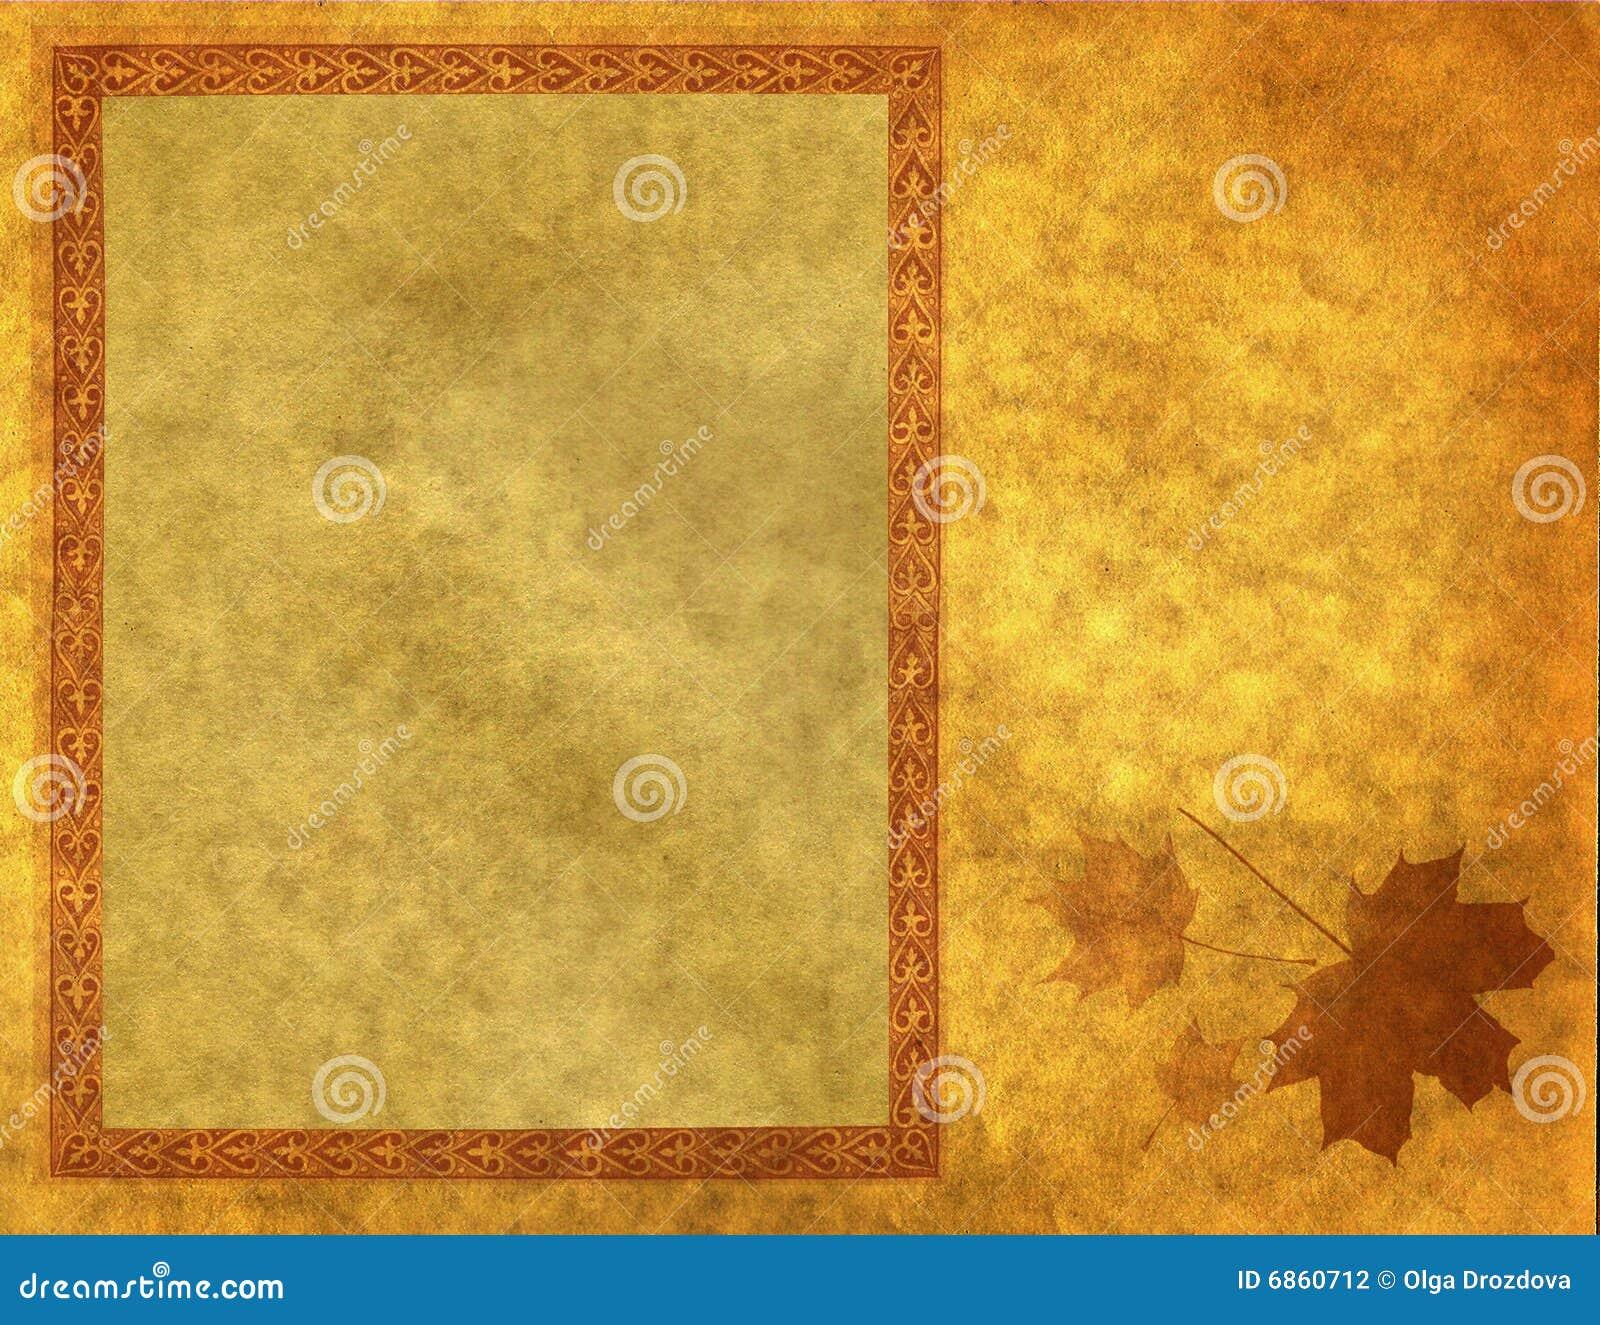 空白框架金纸张